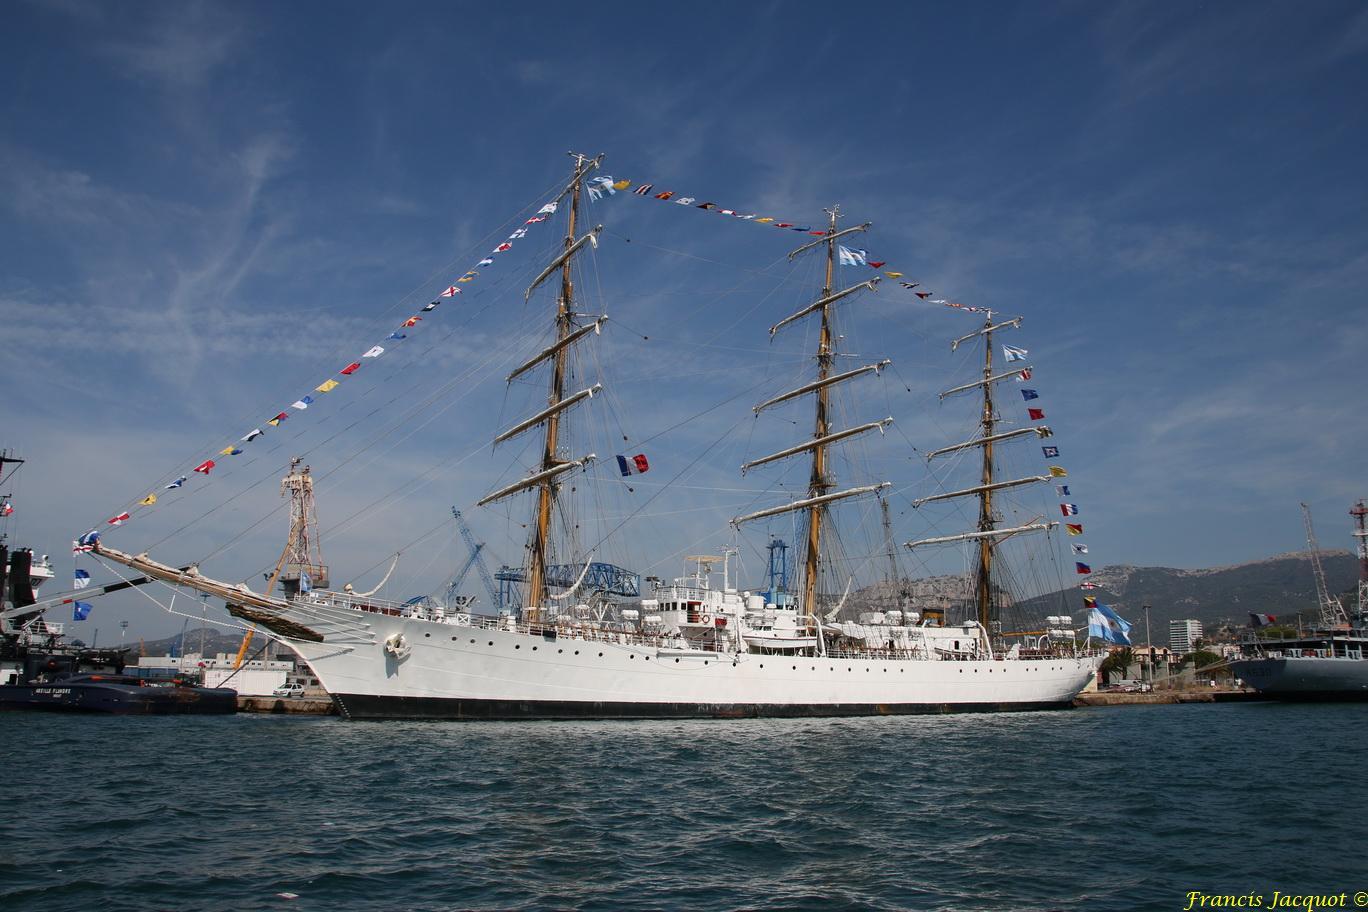 [ Marine à voile ] Vieux gréements - Page 3 9968103805